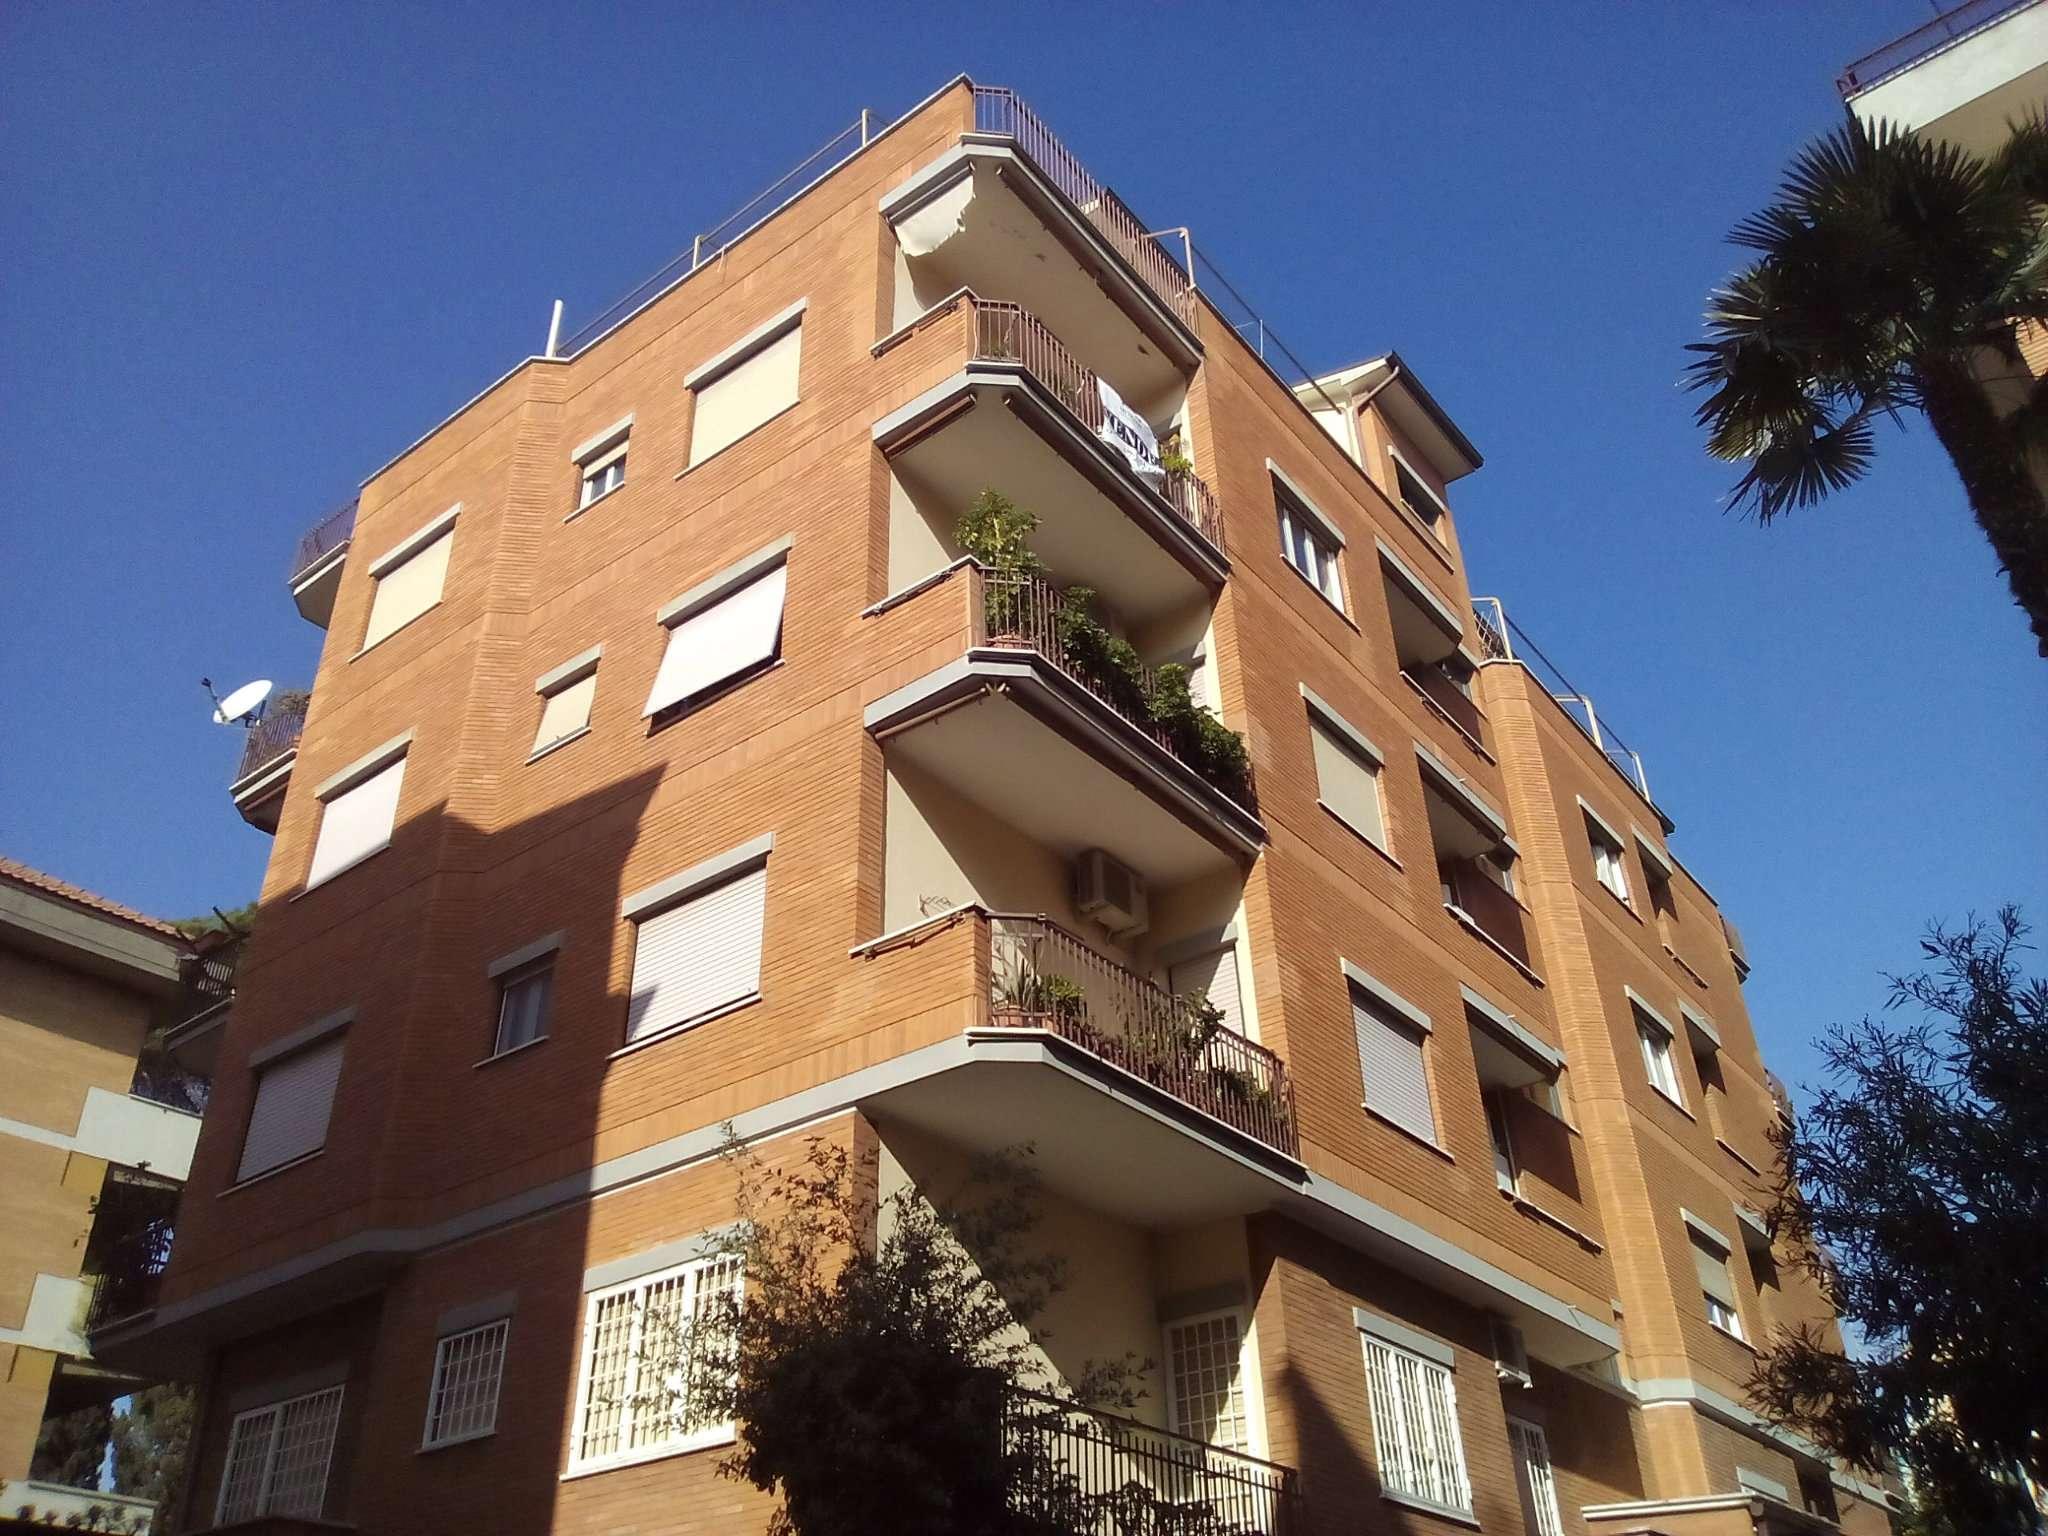 Cerco casa roma rm appartamento in vendita a roma rm for Case in vendita roma